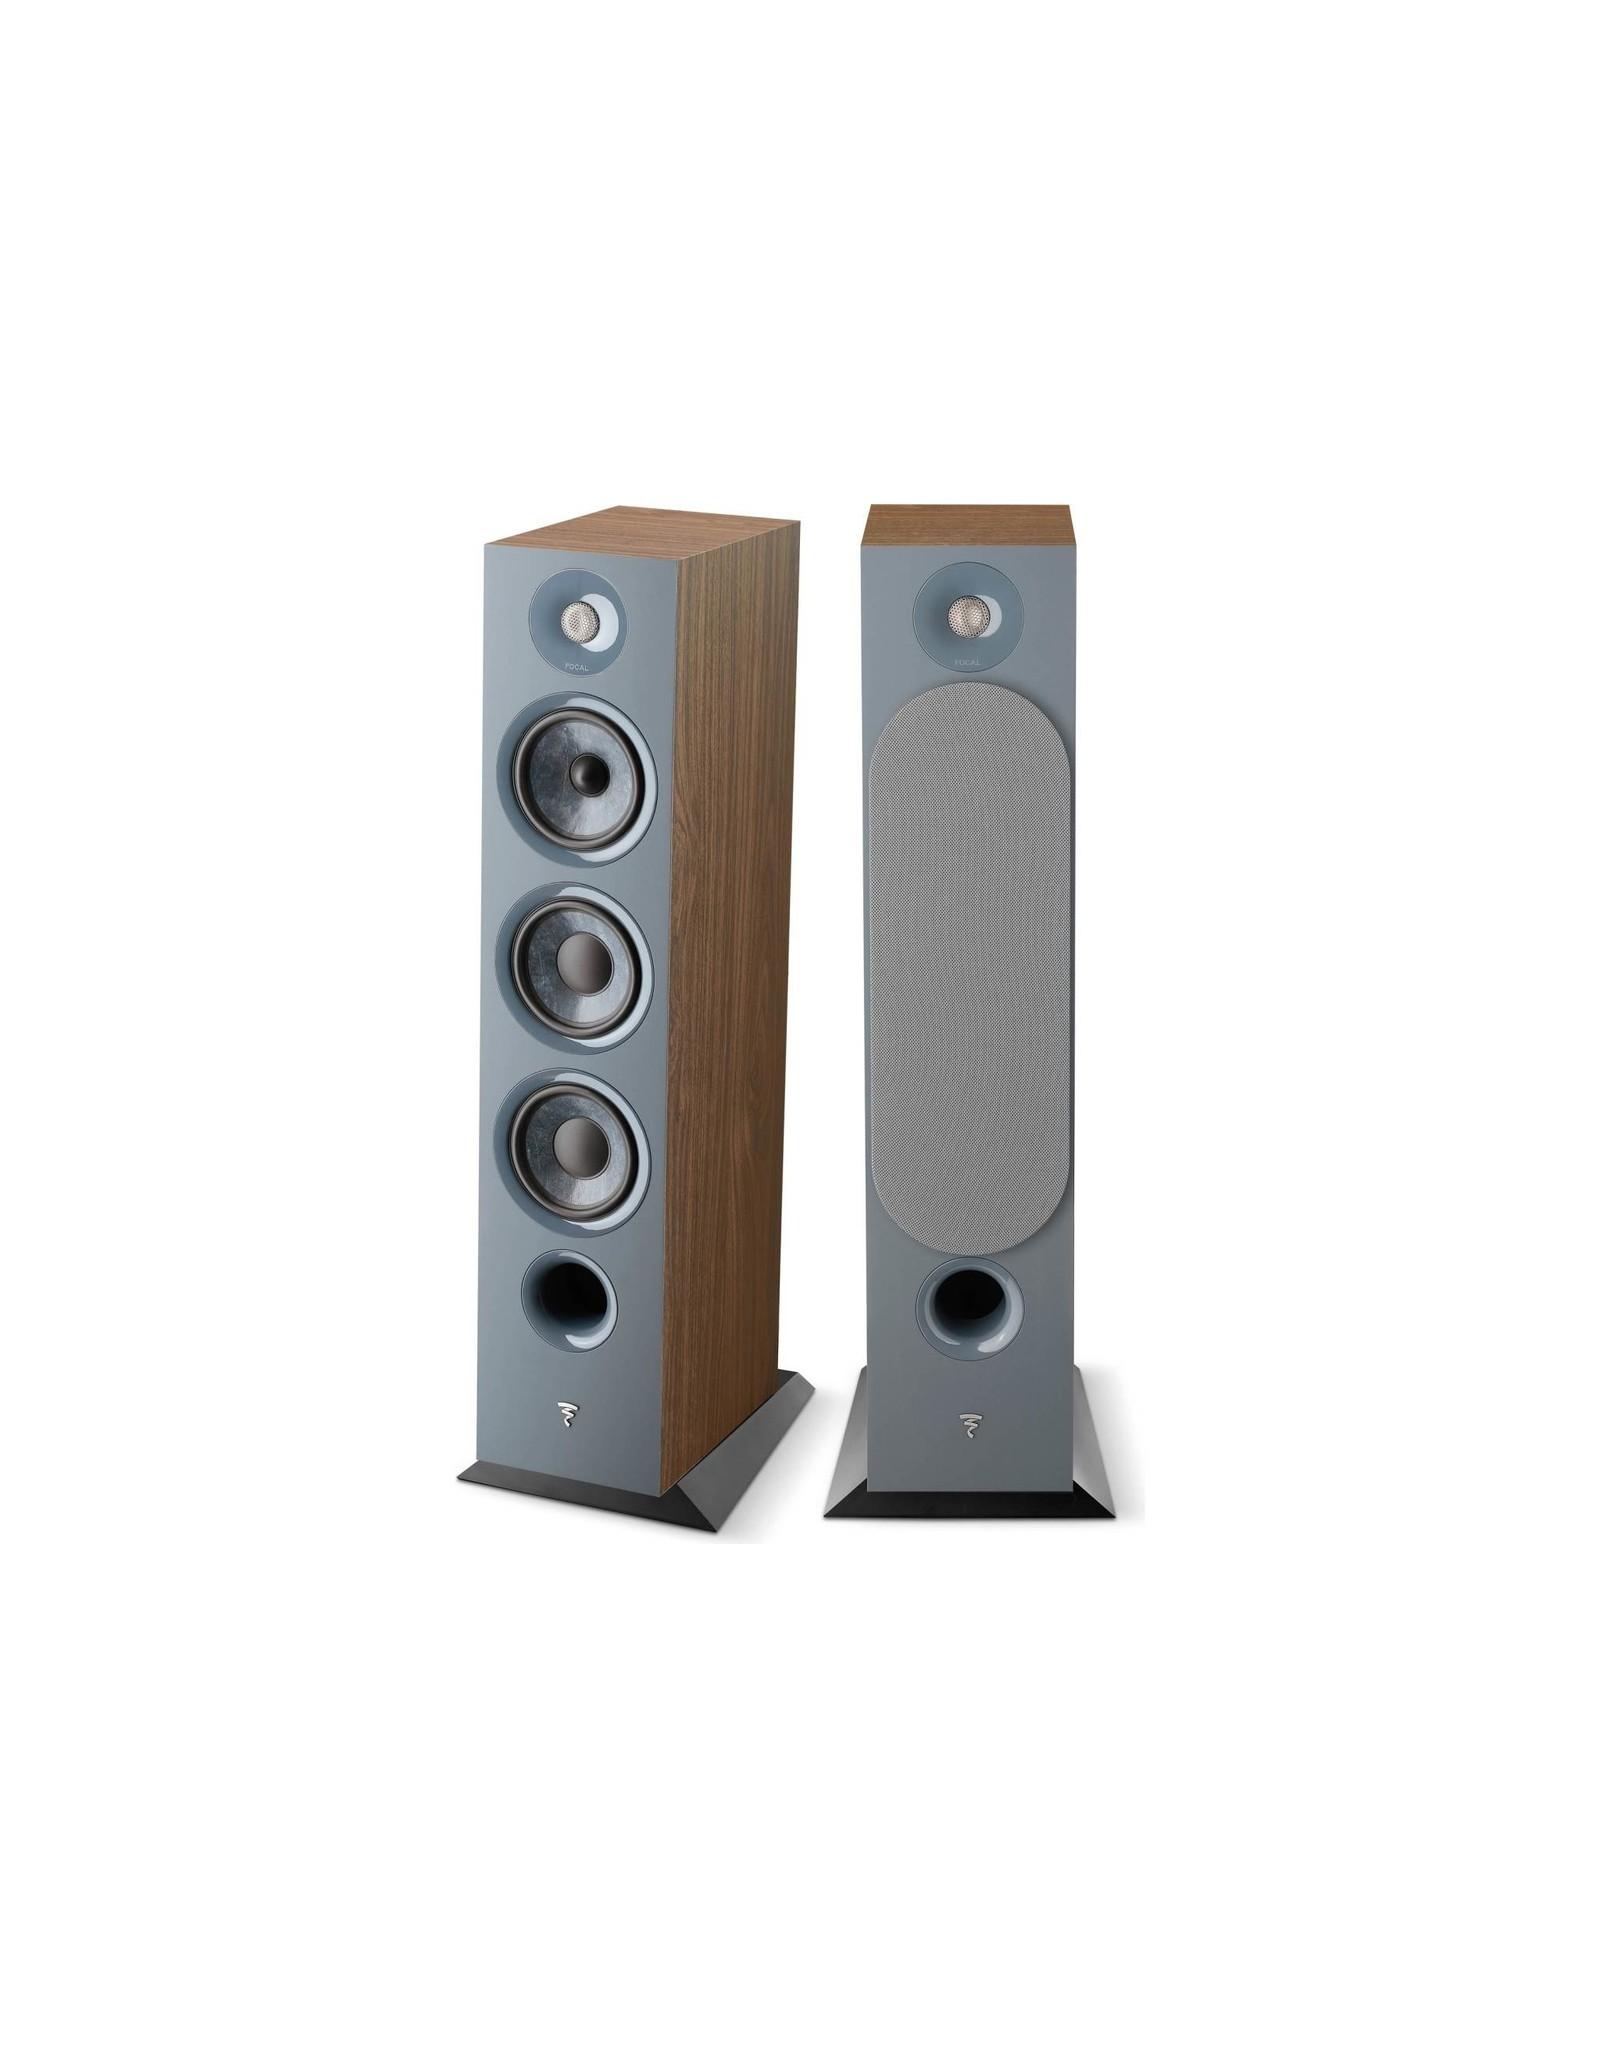 Focal Focal Chora 826 Dark Wood Floorstanding Speakers